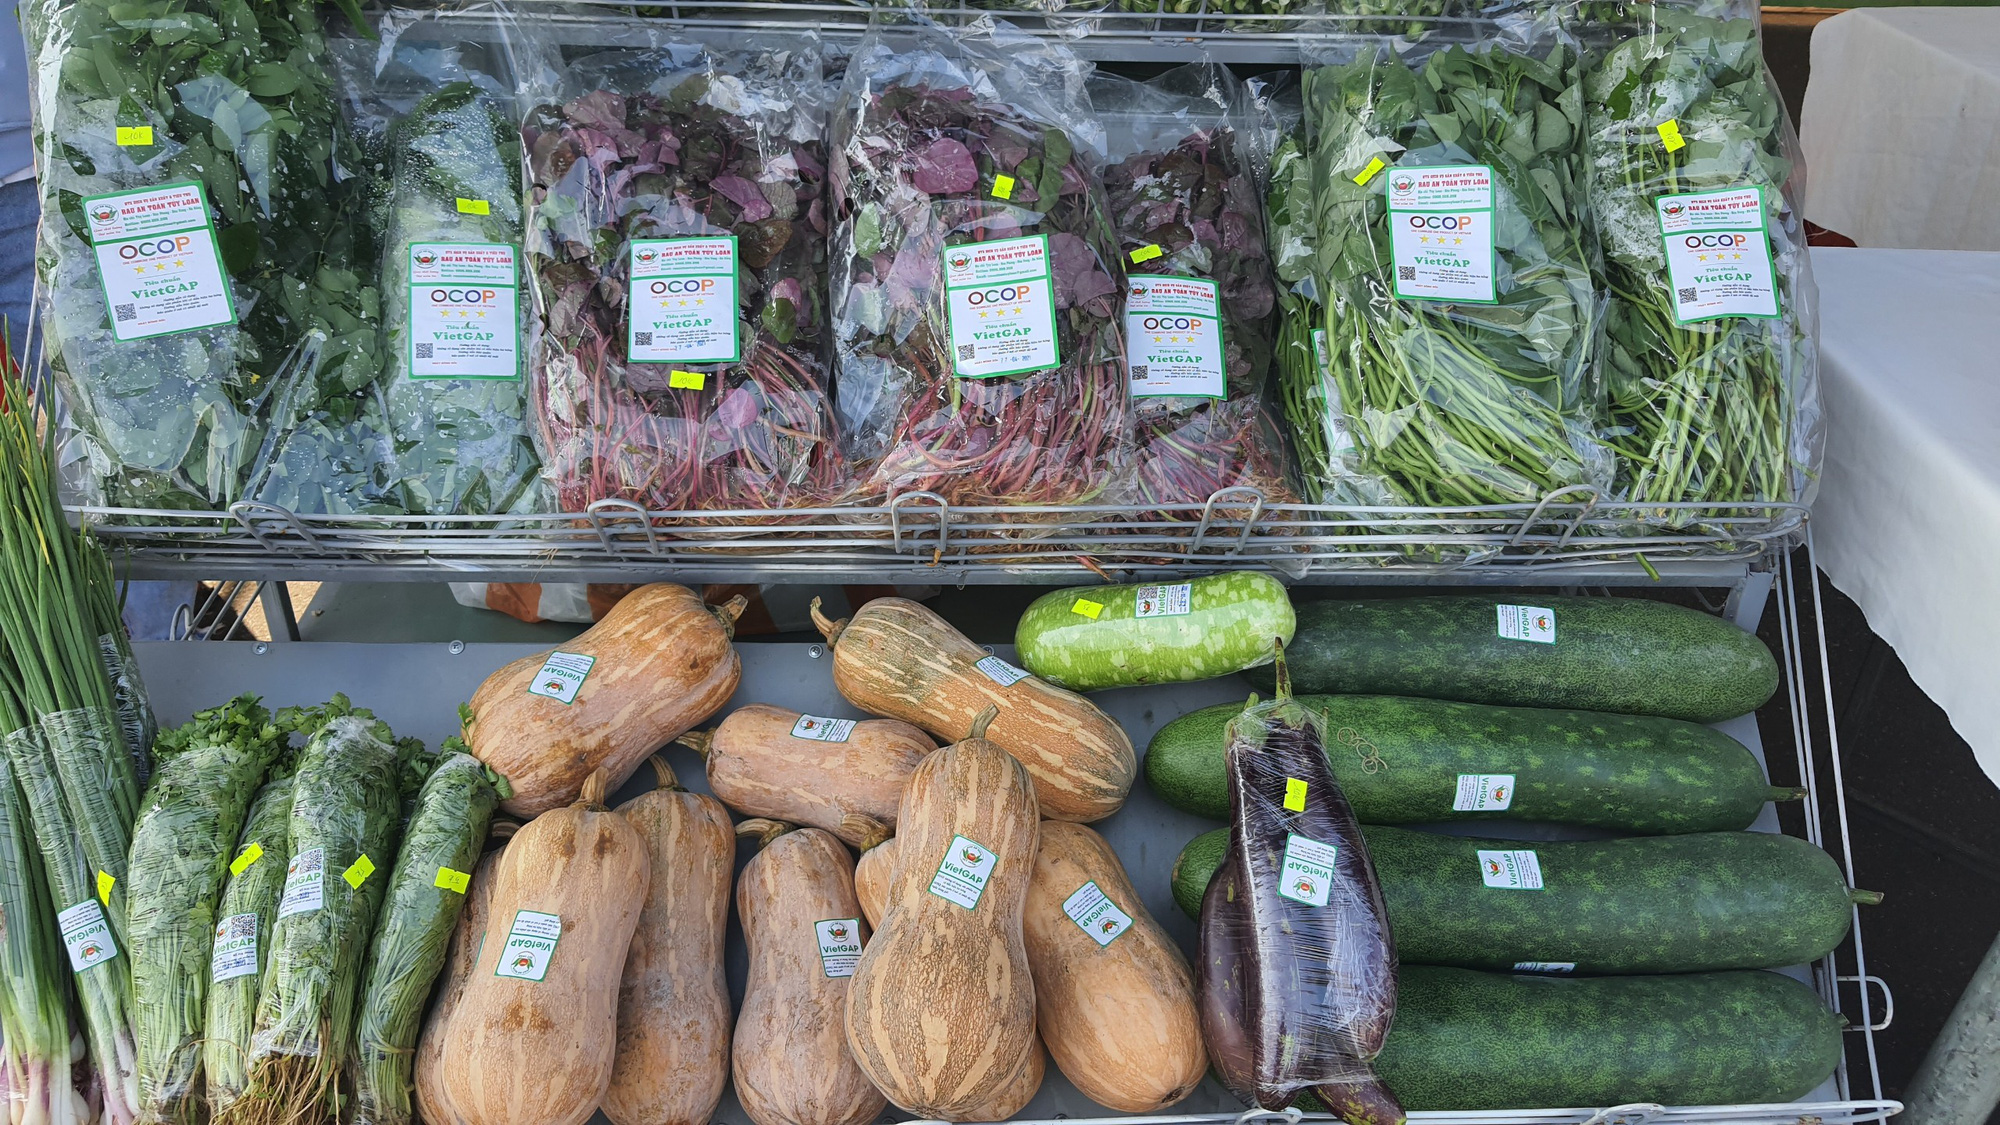 Đà Nẵng: Sản phẩm OCOP, rau sạch hút hàng tại Phiên sợ nông sản - Ảnh 2.